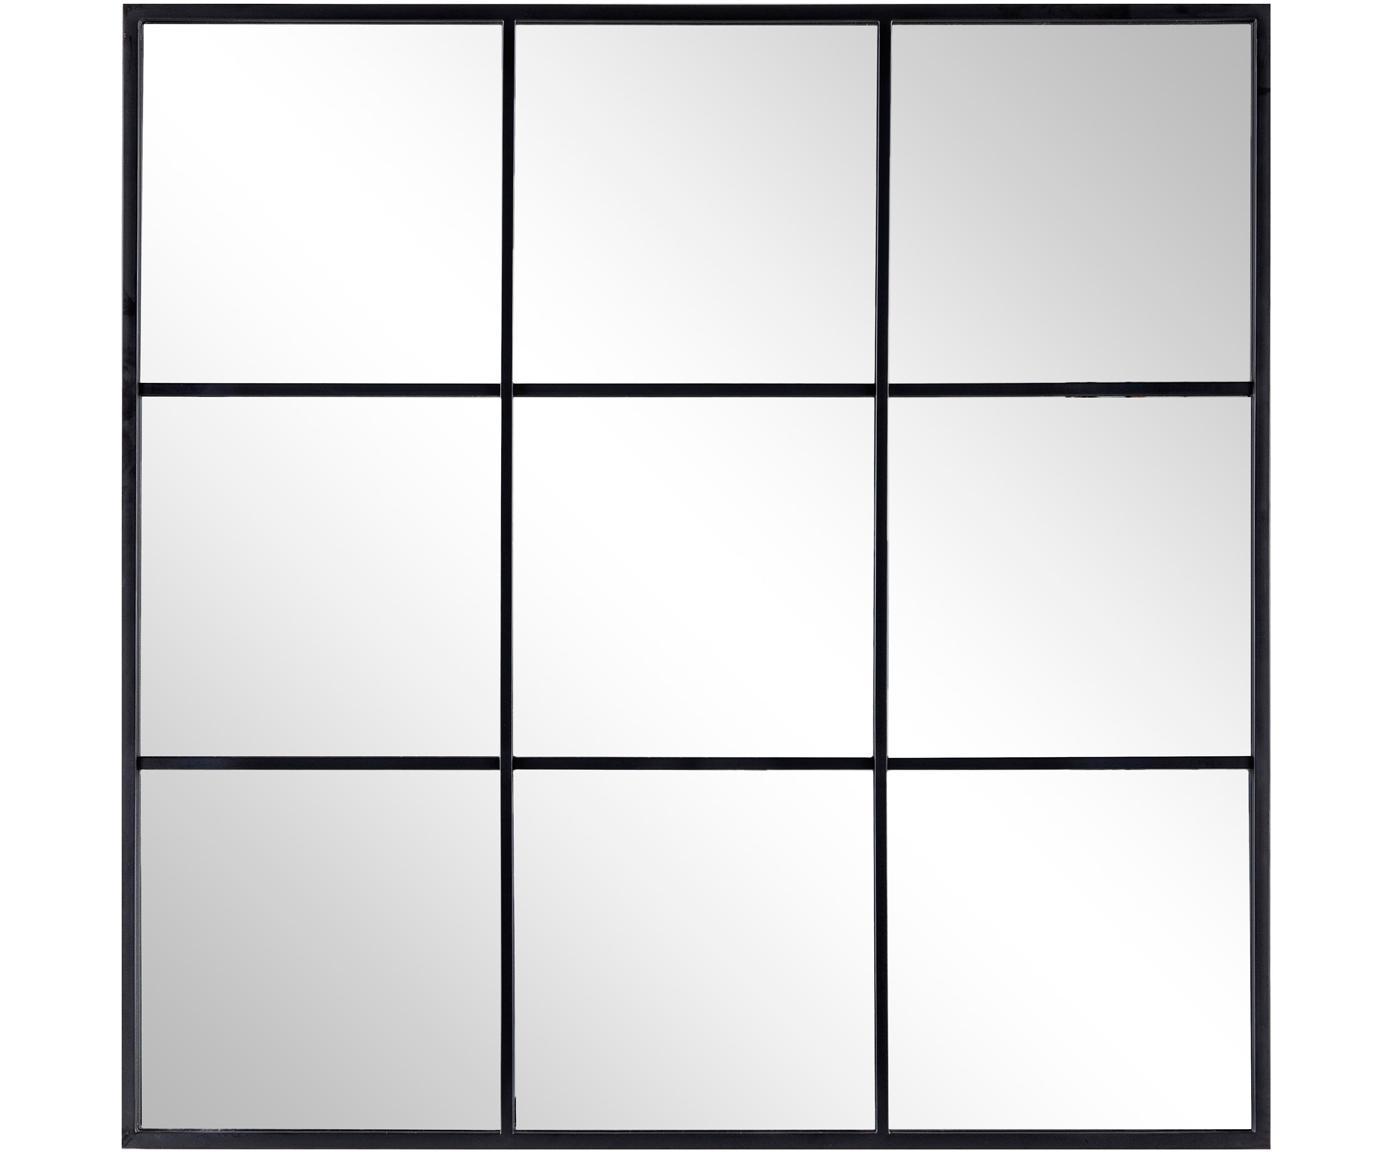 Wandspiegel Nucleos, Lijst: gecoat metaal, Zwart, 90 x 90 cm